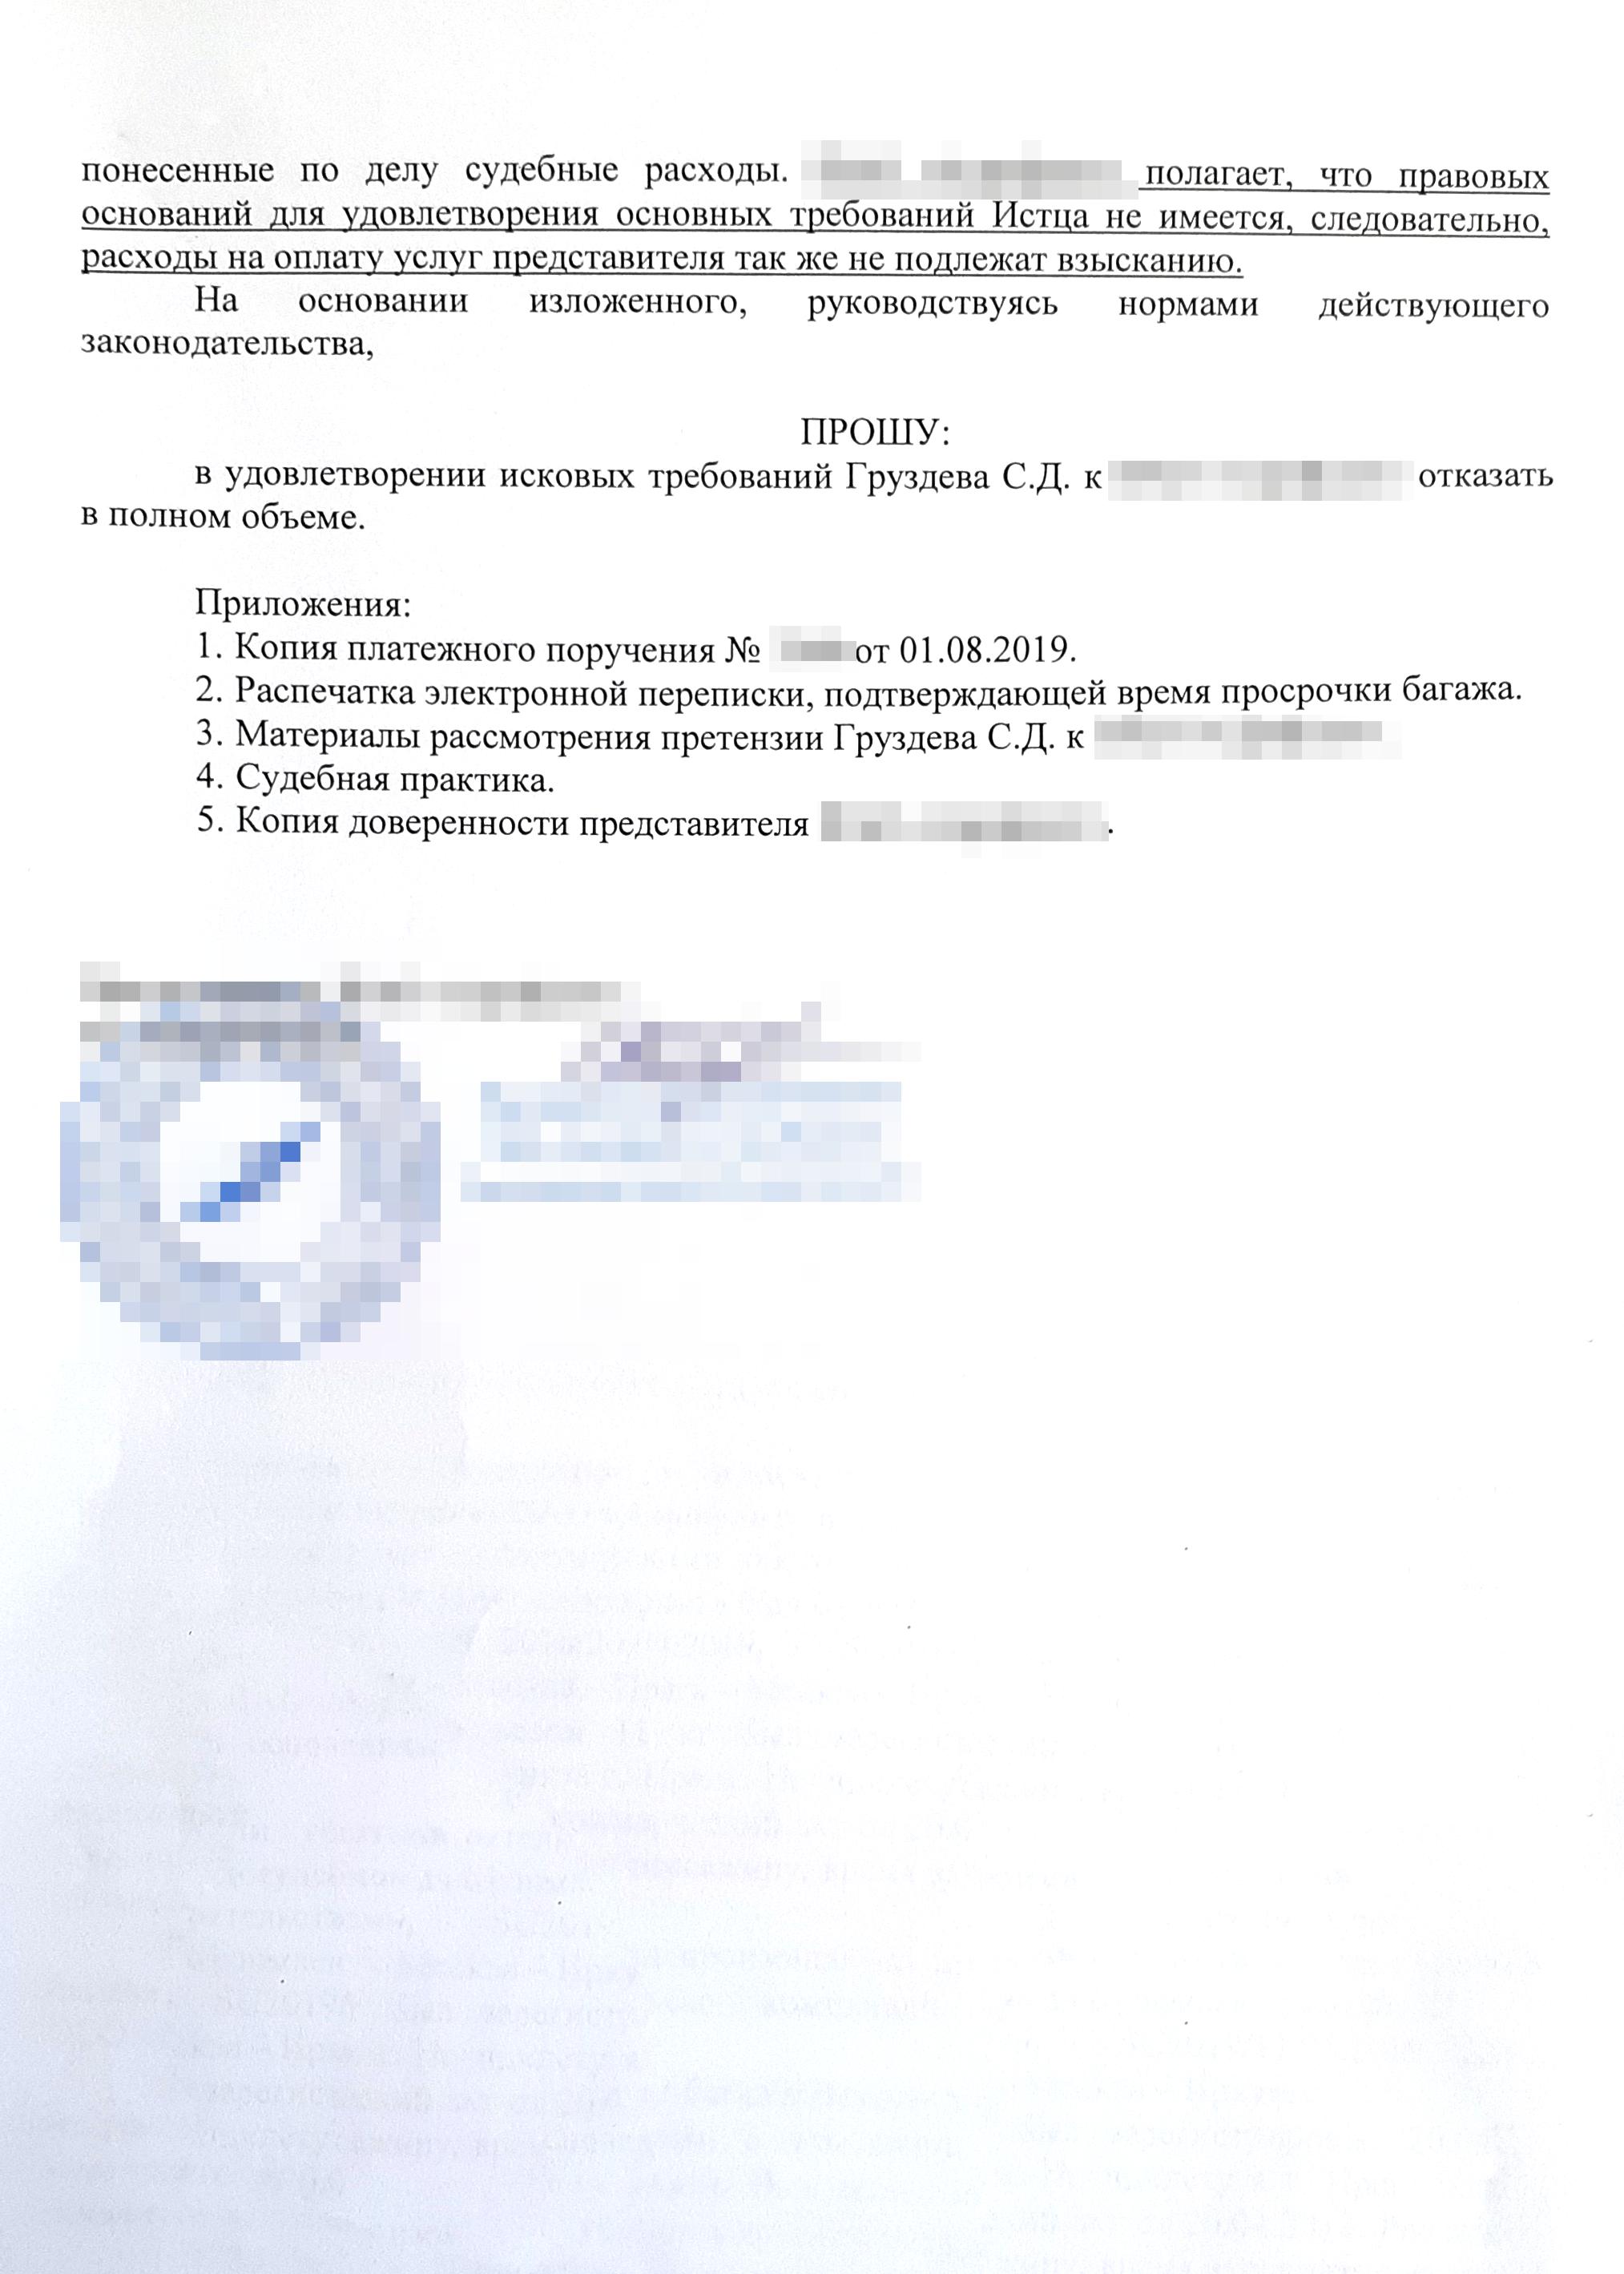 Возражения авиакомпании на иск Сергея: она была не согласна со всеми требованиями